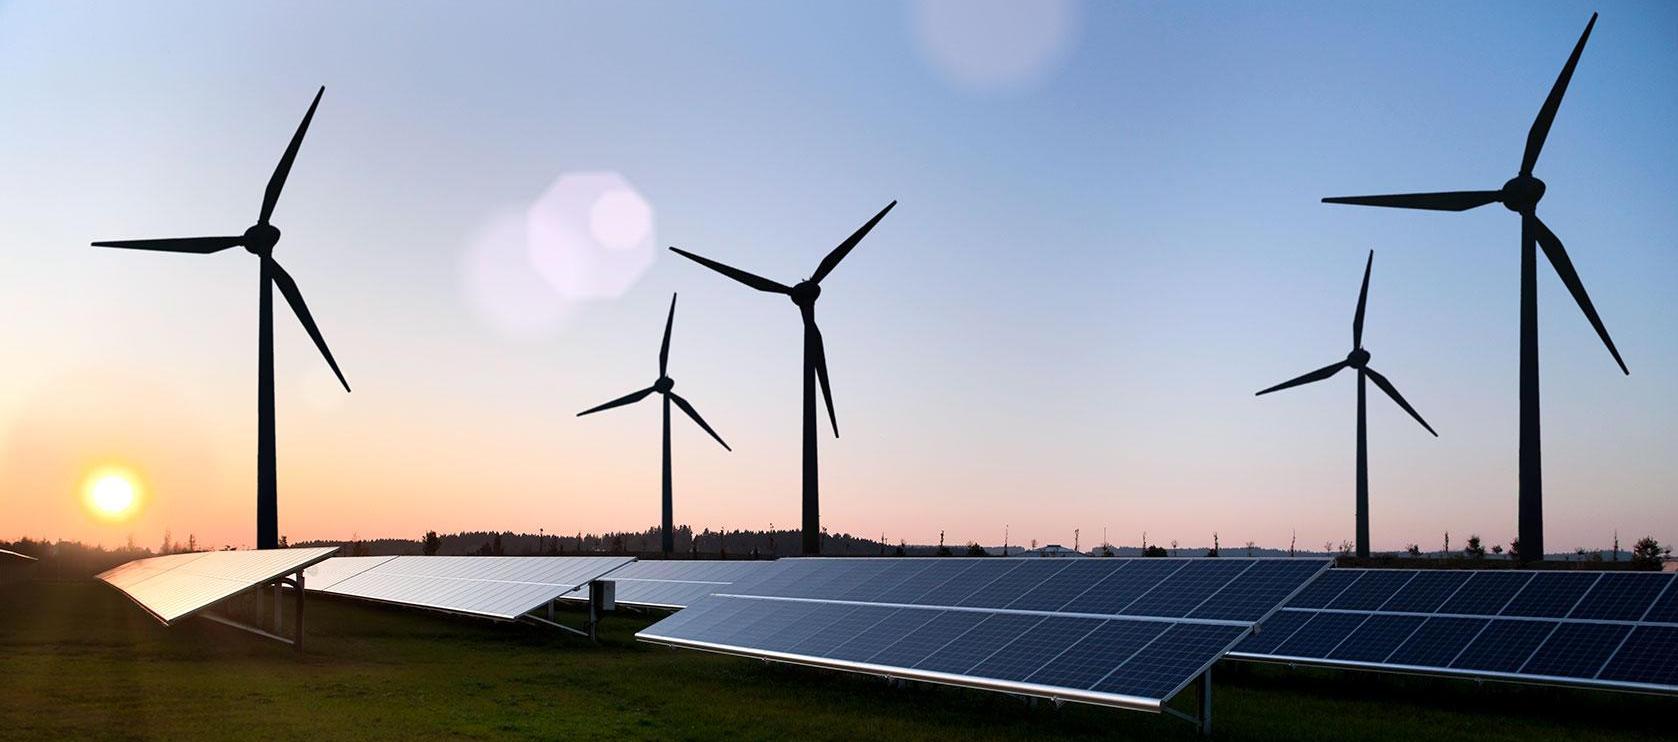 أيرلندا توافق على تنفيذ 82 مشروع طاقة متجددة